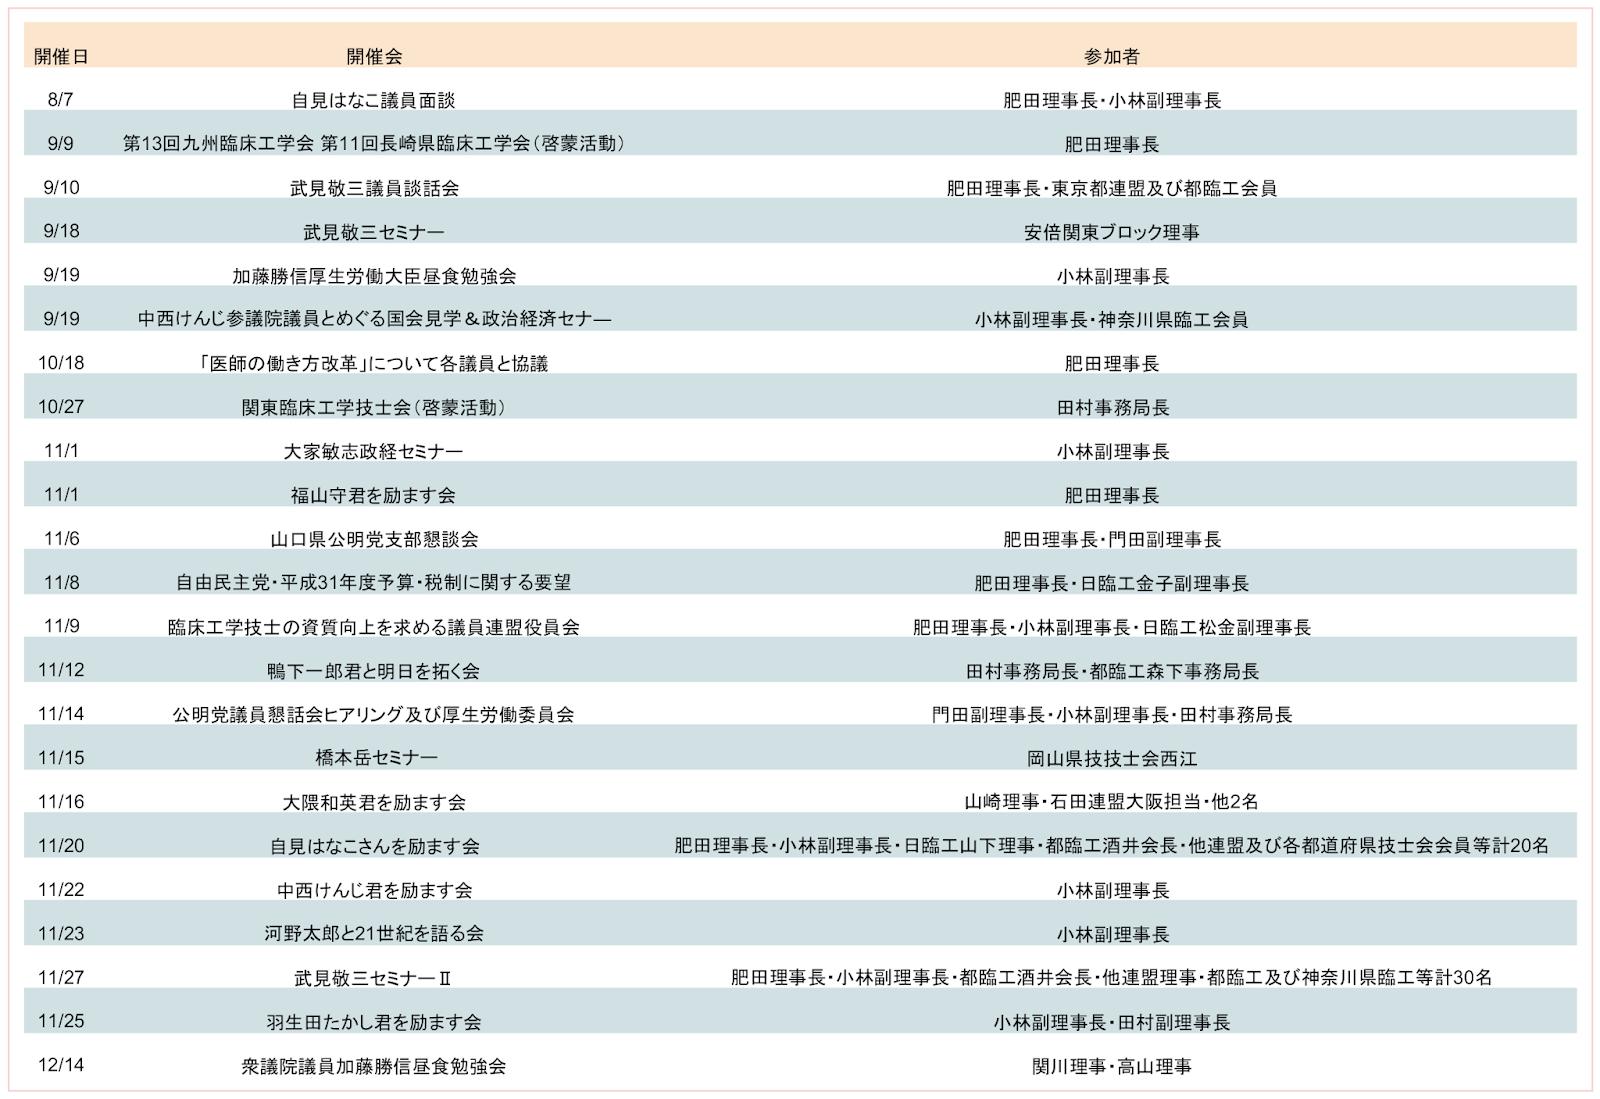 201808-12活動